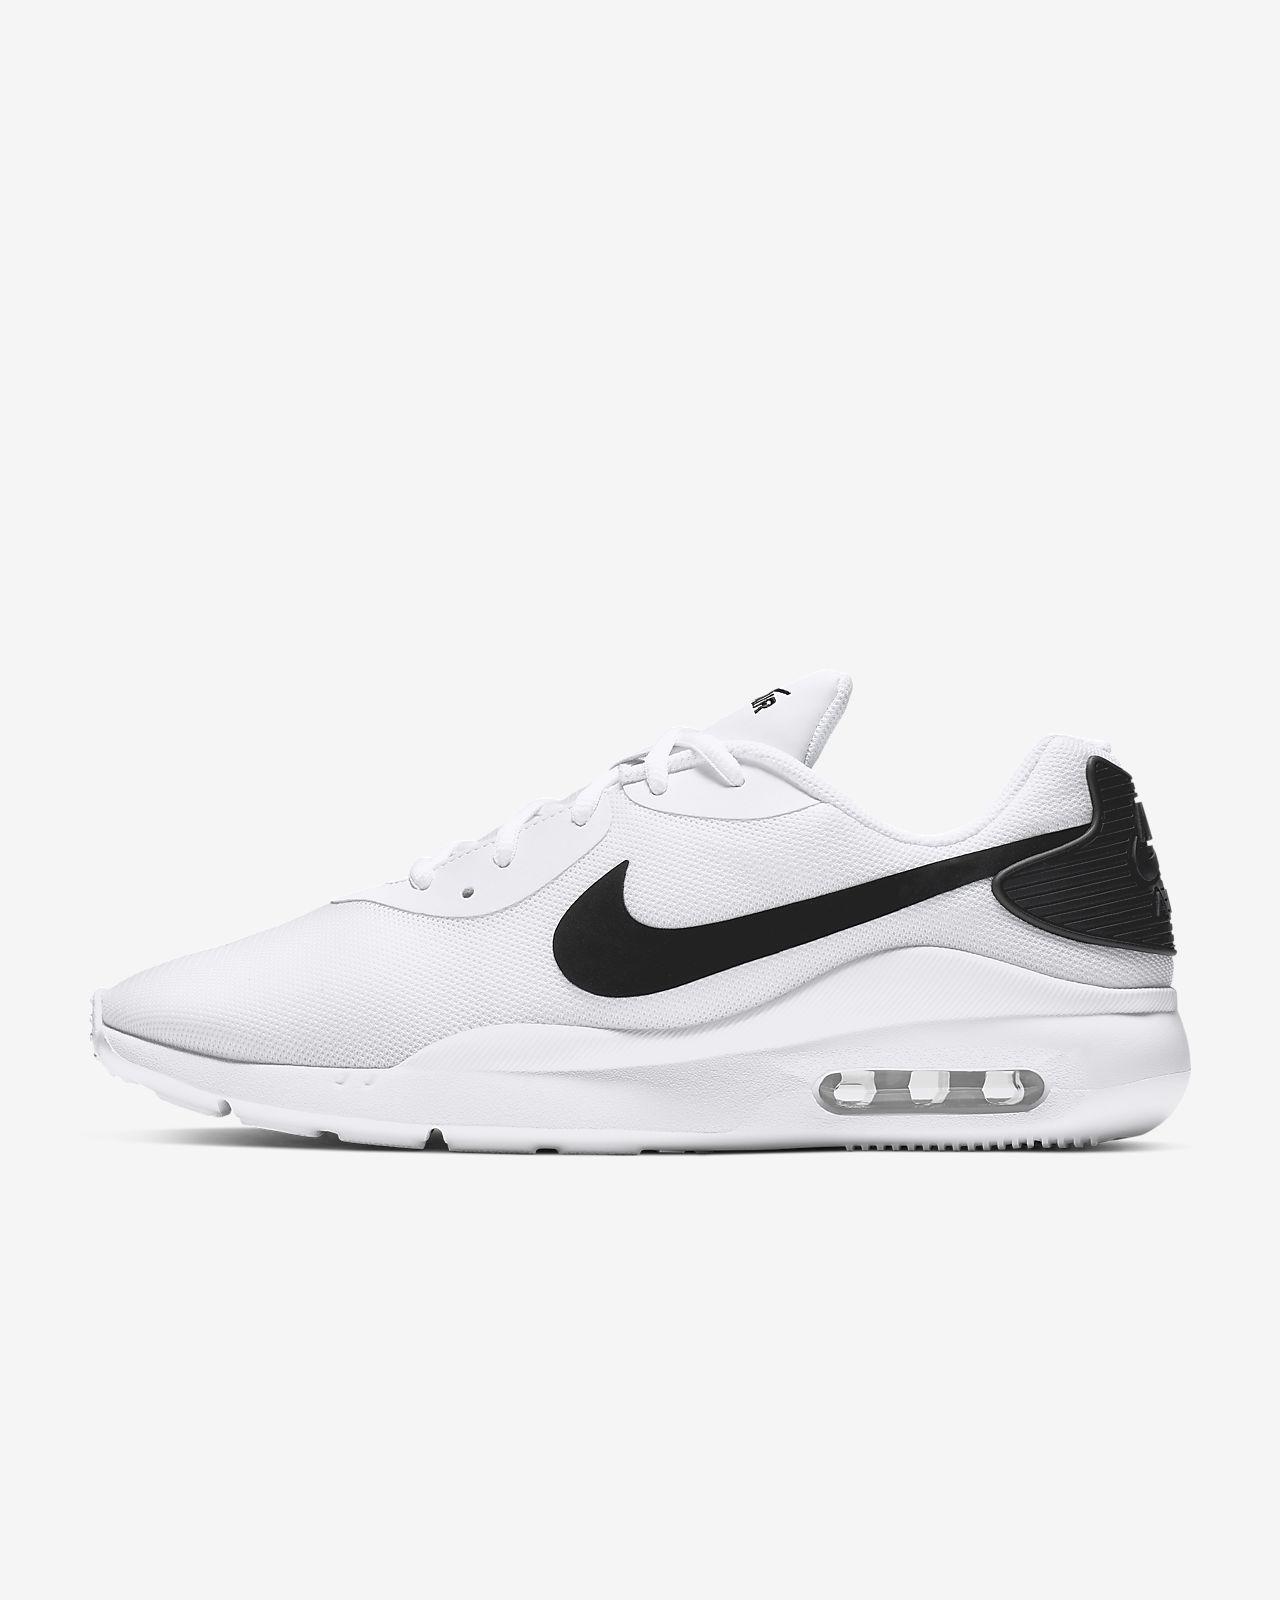 Nike Air Max Oketo 男子运动鞋